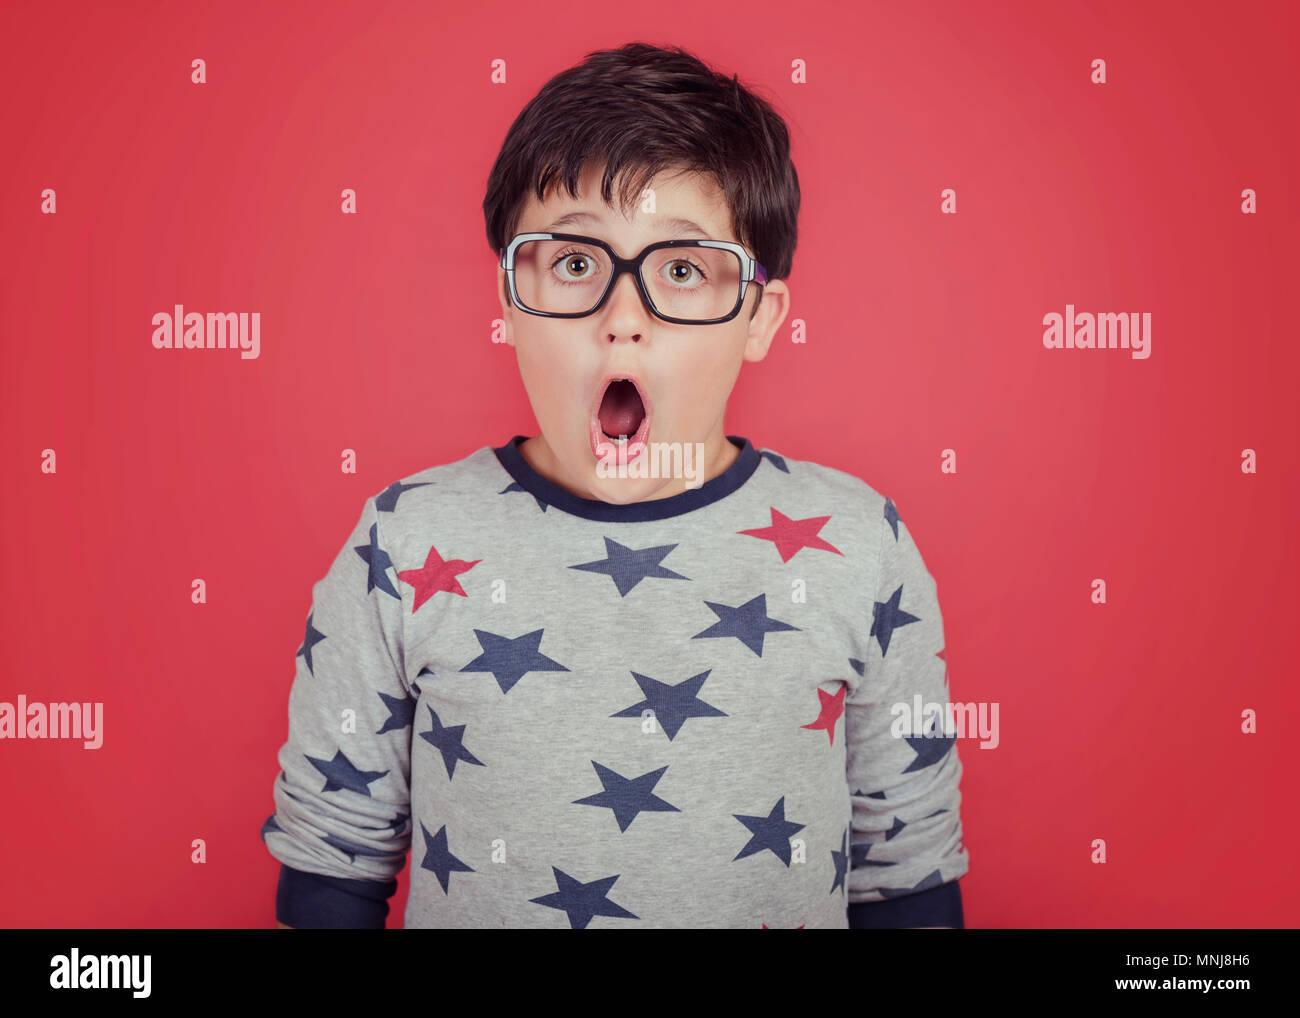 Sorprendido chico con gafas sobre fondo rojo. Imagen De Stock